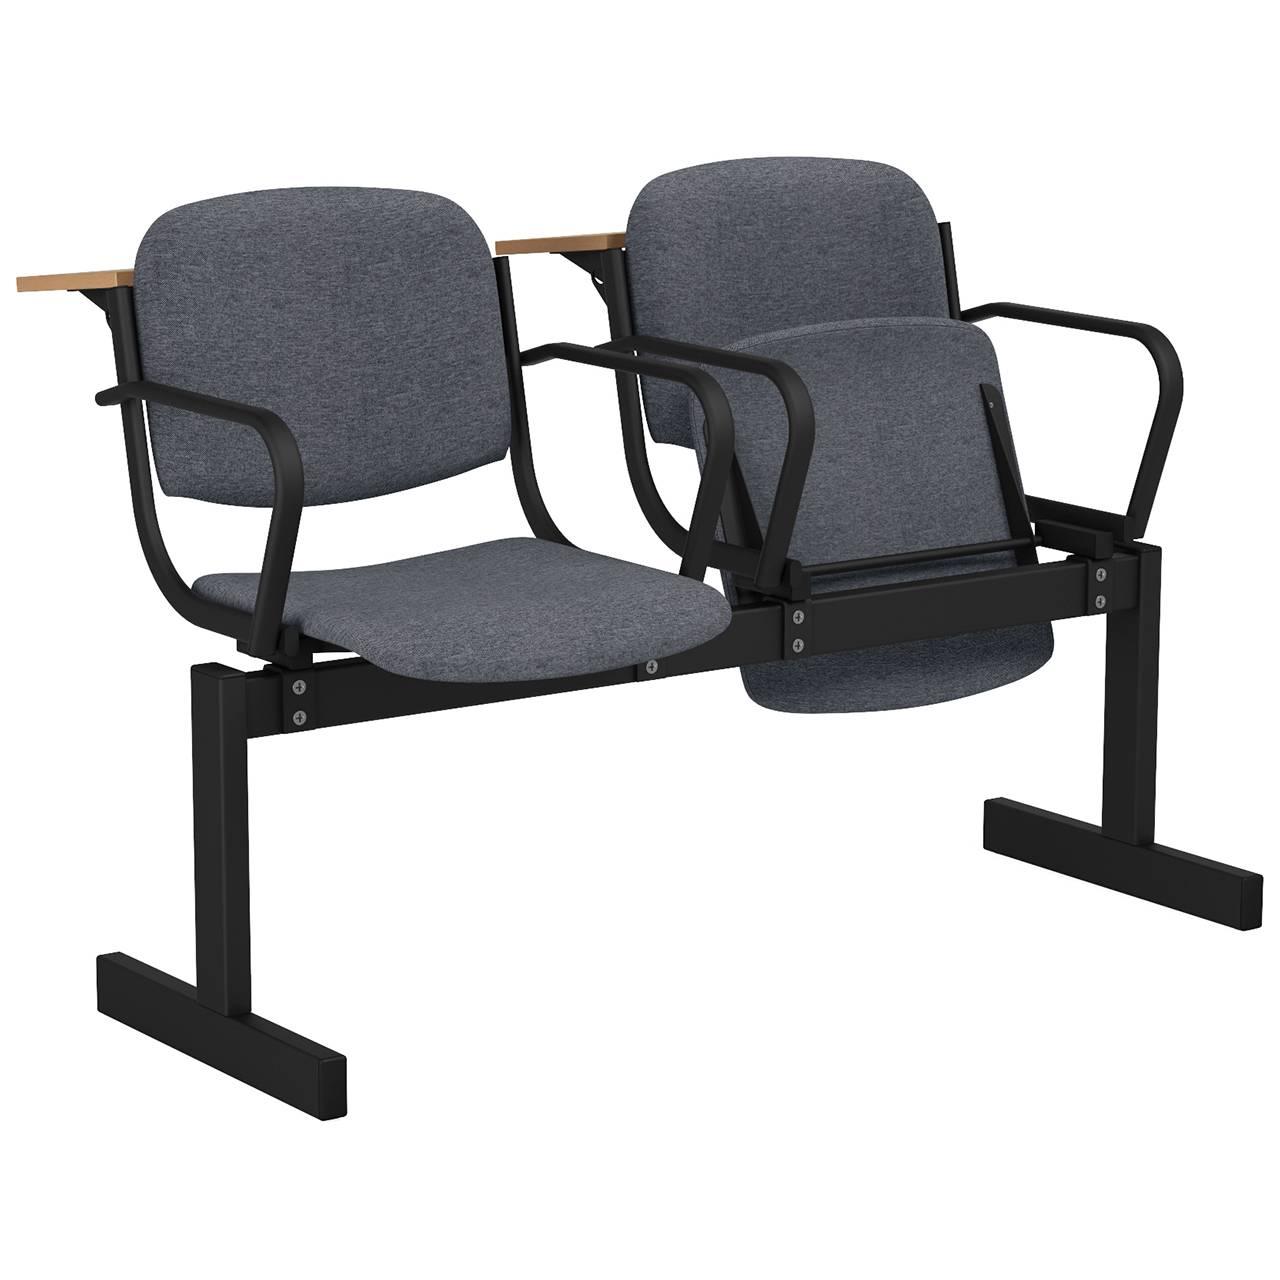 2-местный, откидывающиеся сиденья, мягкий, подлокотники, лекционный черный серый Офисная ткань